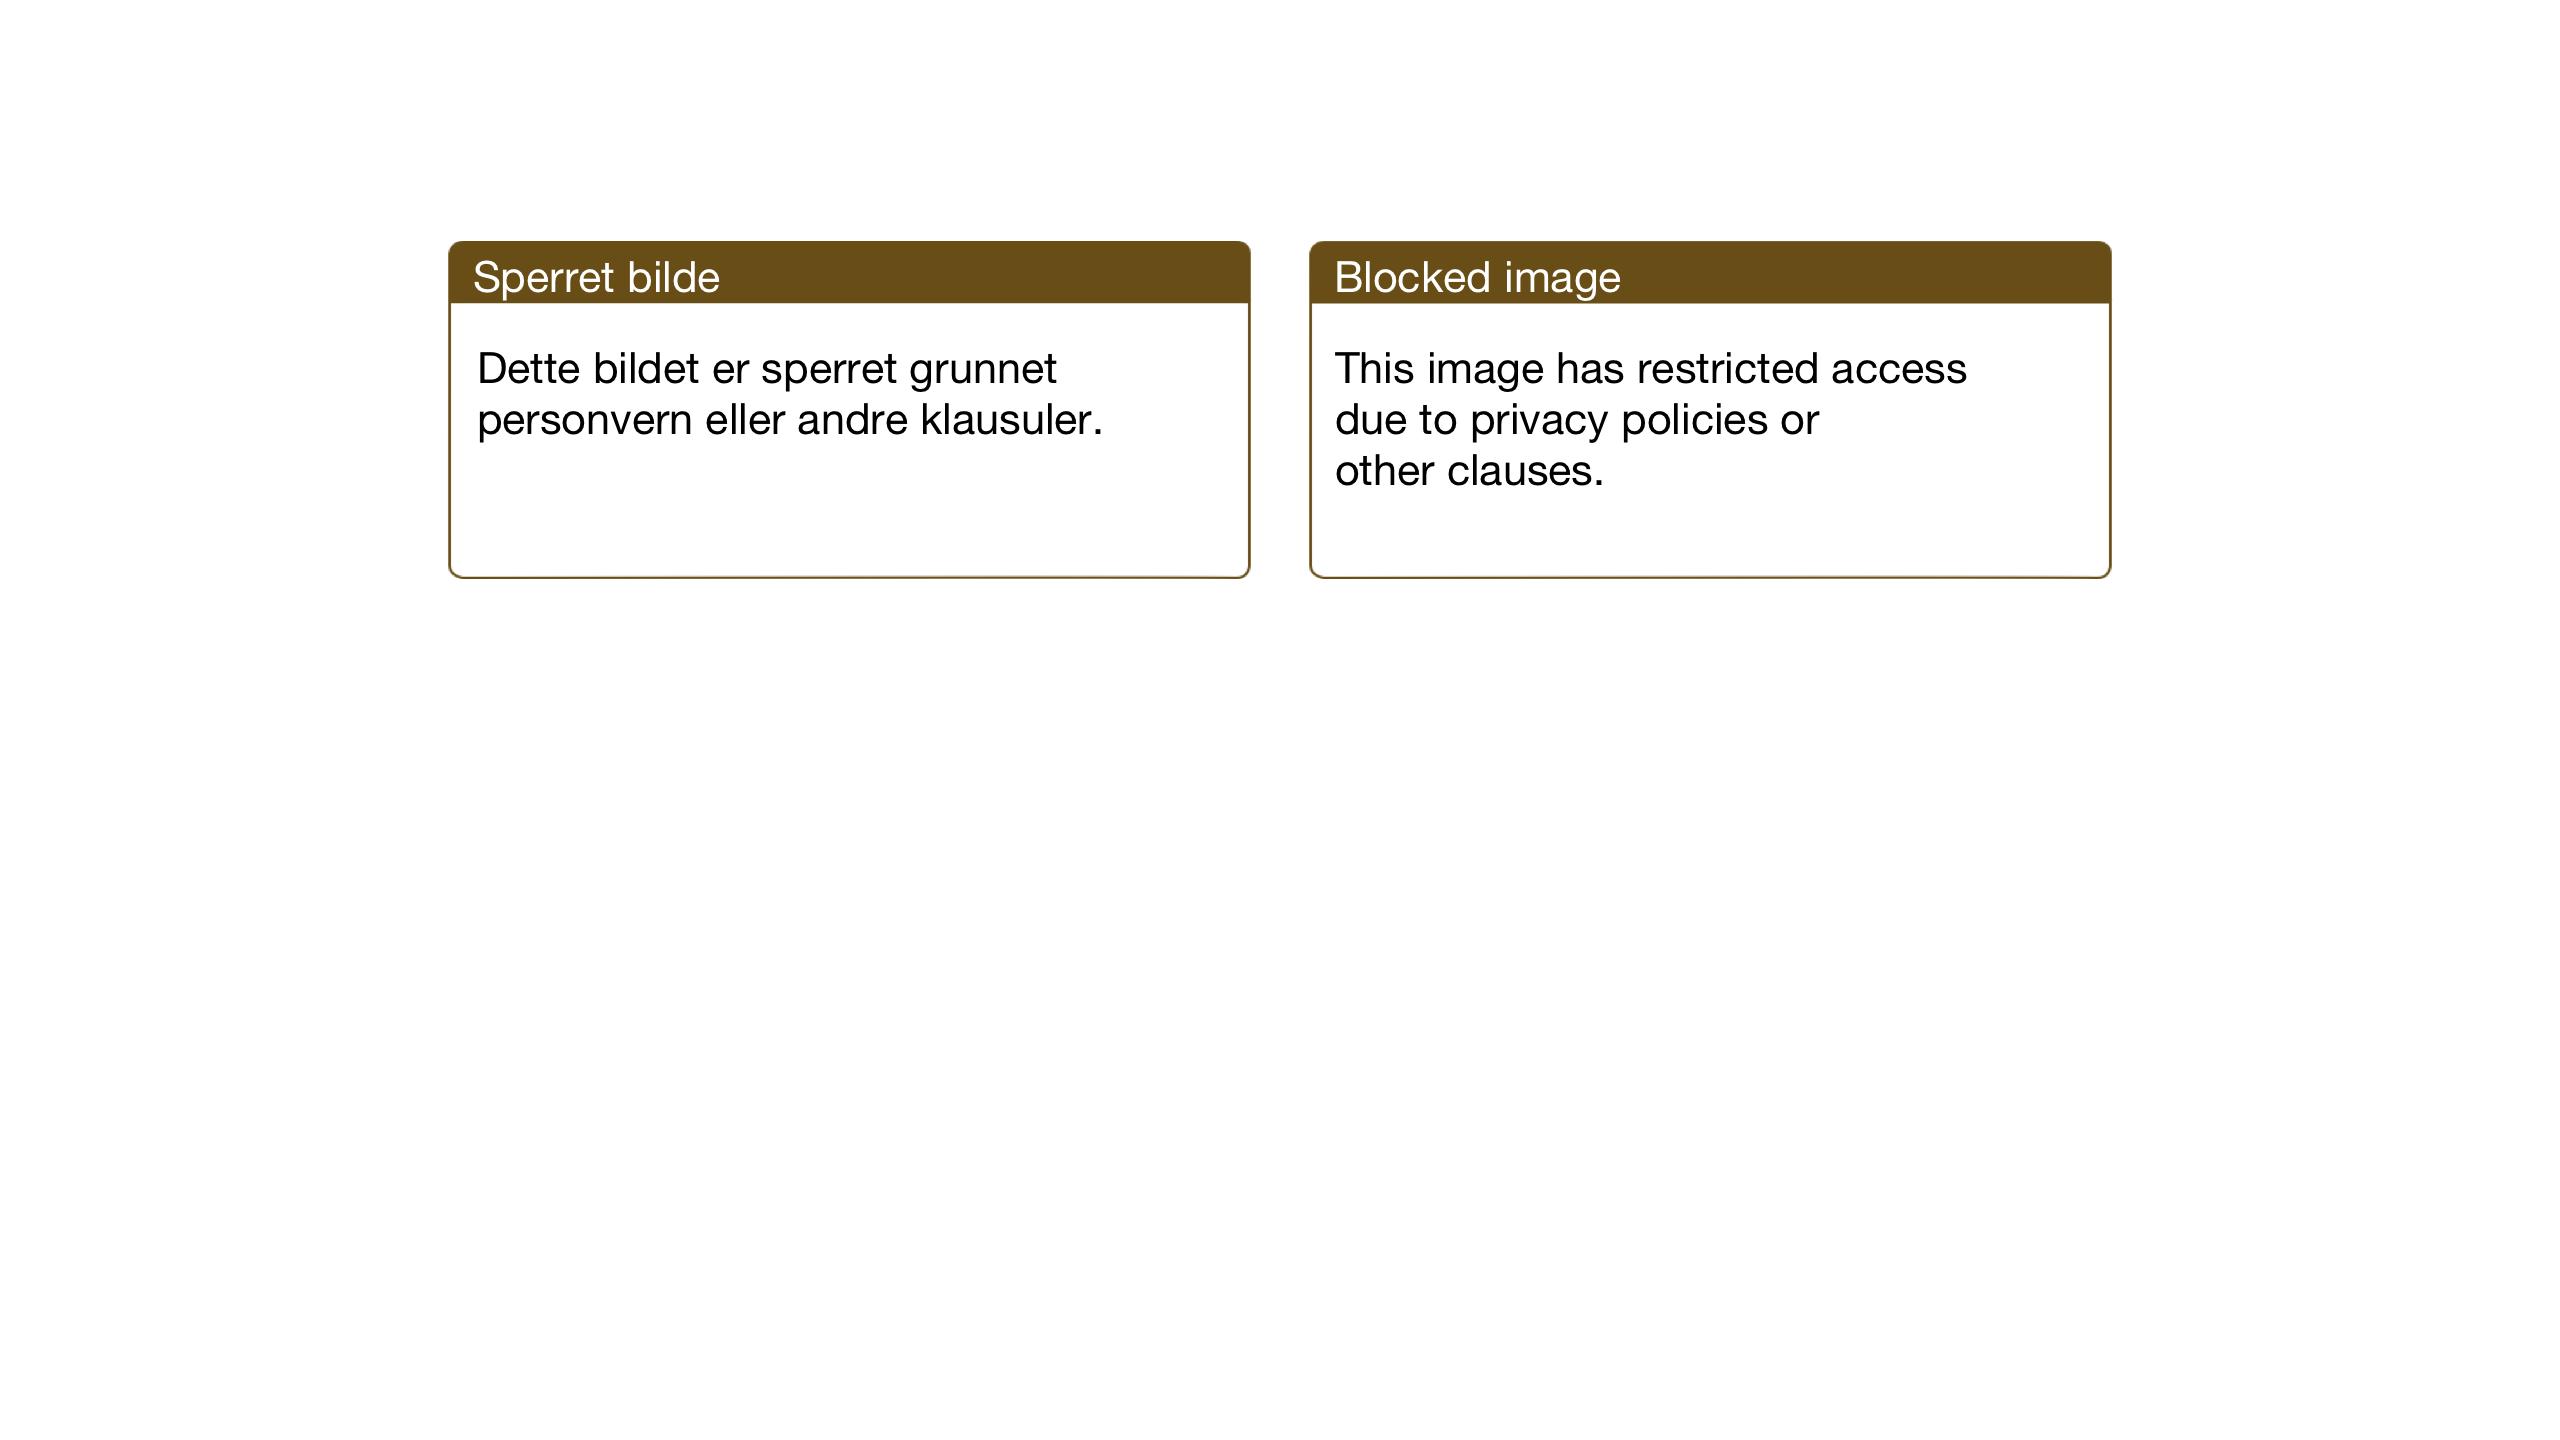 SAT, Ministerialprotokoller, klokkerbøker og fødselsregistre - Nord-Trøndelag, 710/L0097: Klokkerbok nr. 710C02, 1925-1955, s. 27